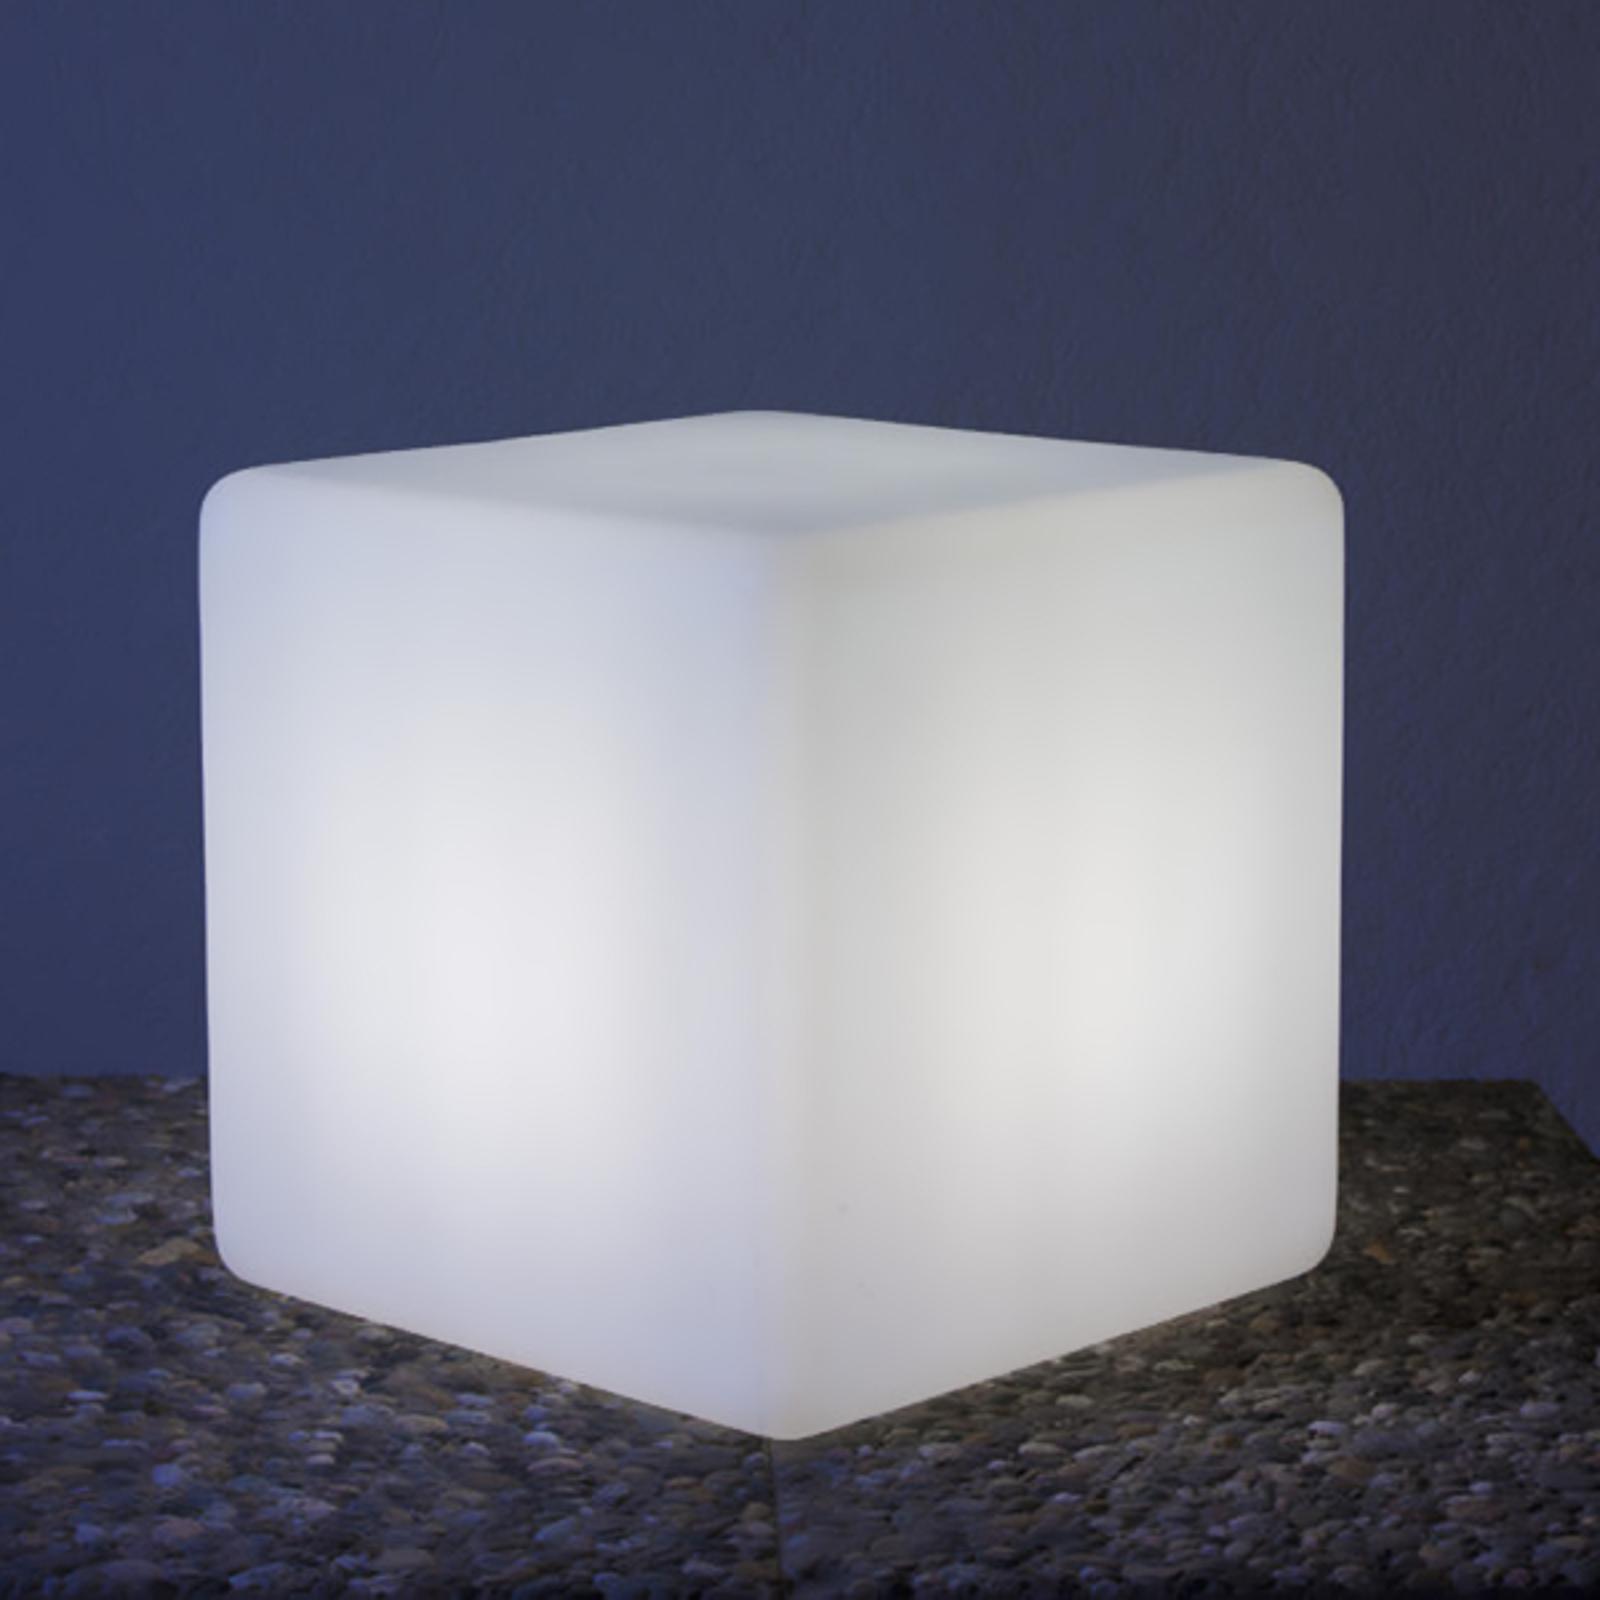 Kublykta Cube av högsta kvalitet, 35 cm